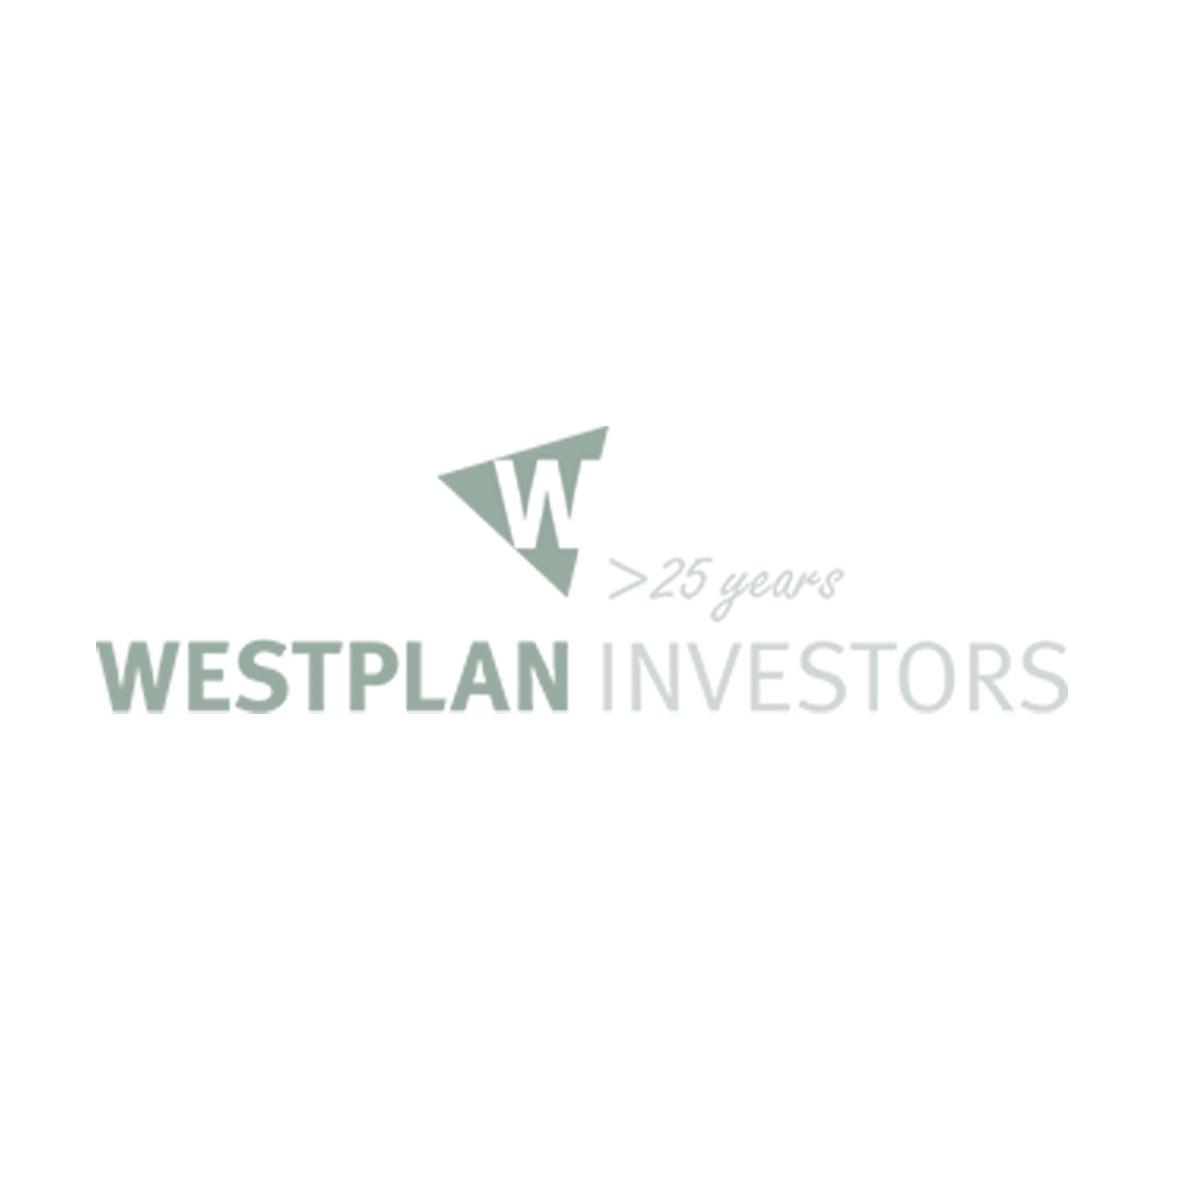 westplan